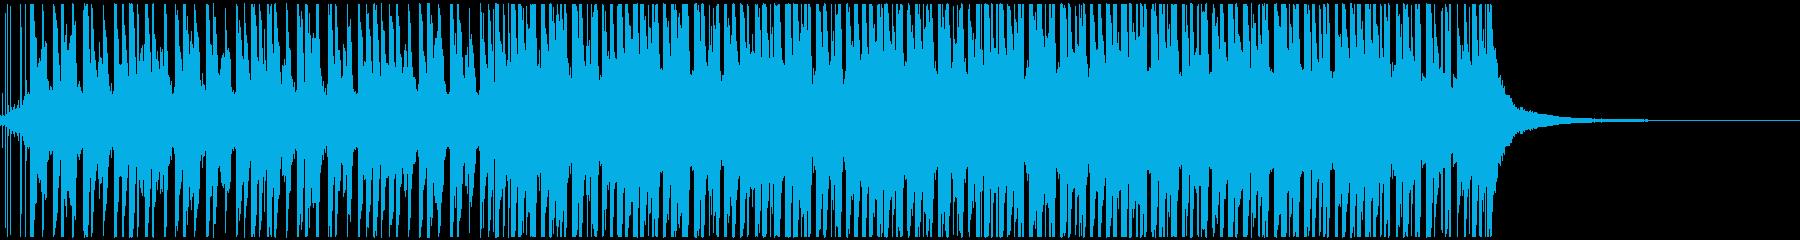 トロピカルで明るいハウス(ショート)の再生済みの波形